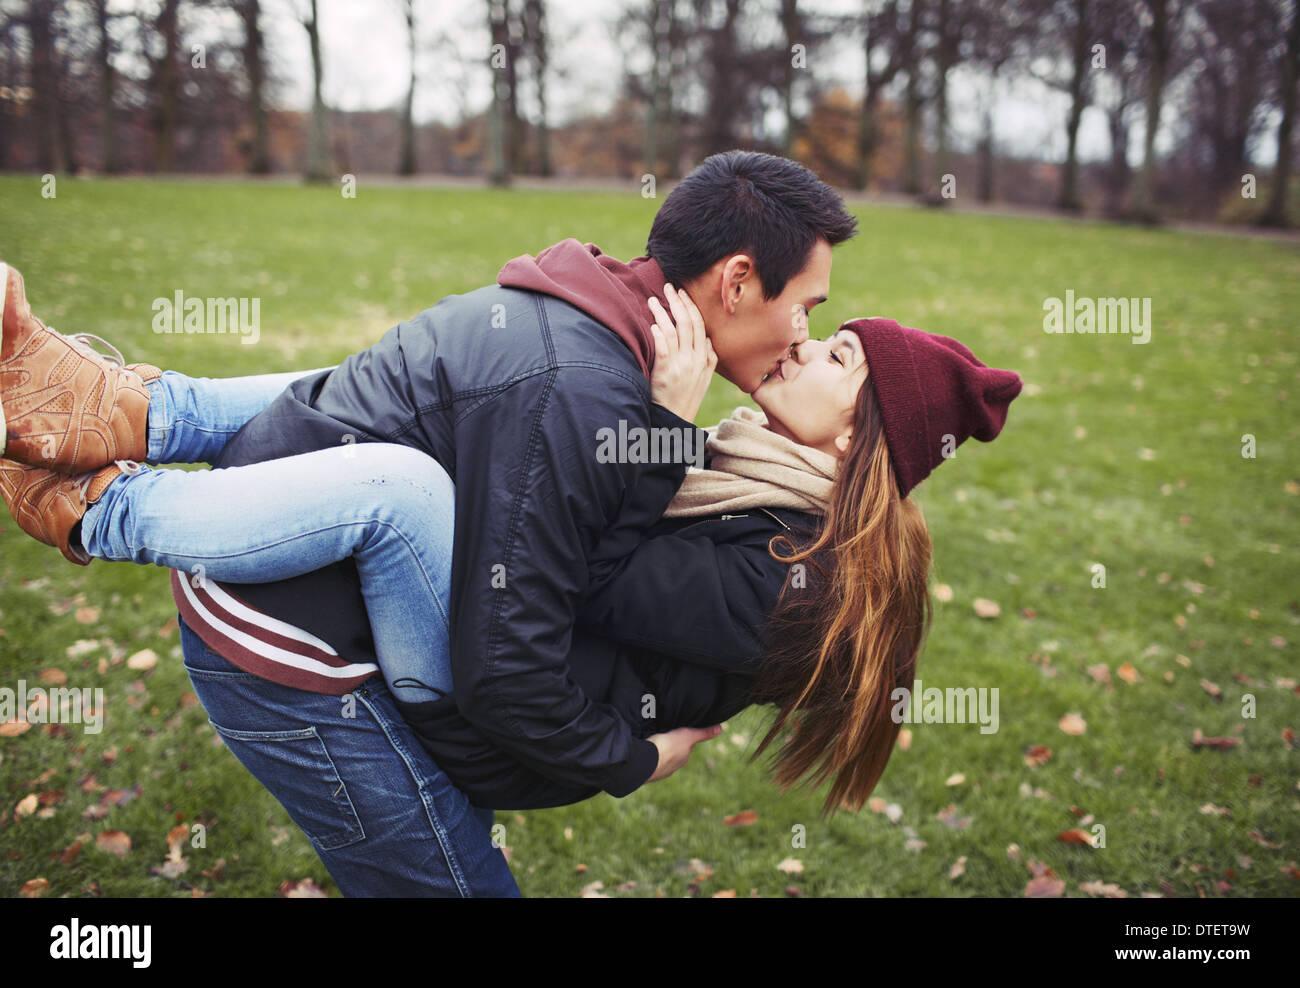 Beau jeune homme portant sa jolie petite amie et s'embrasser. Mixed Race couple dans l'amour en plein air dans le parc. Photo Stock